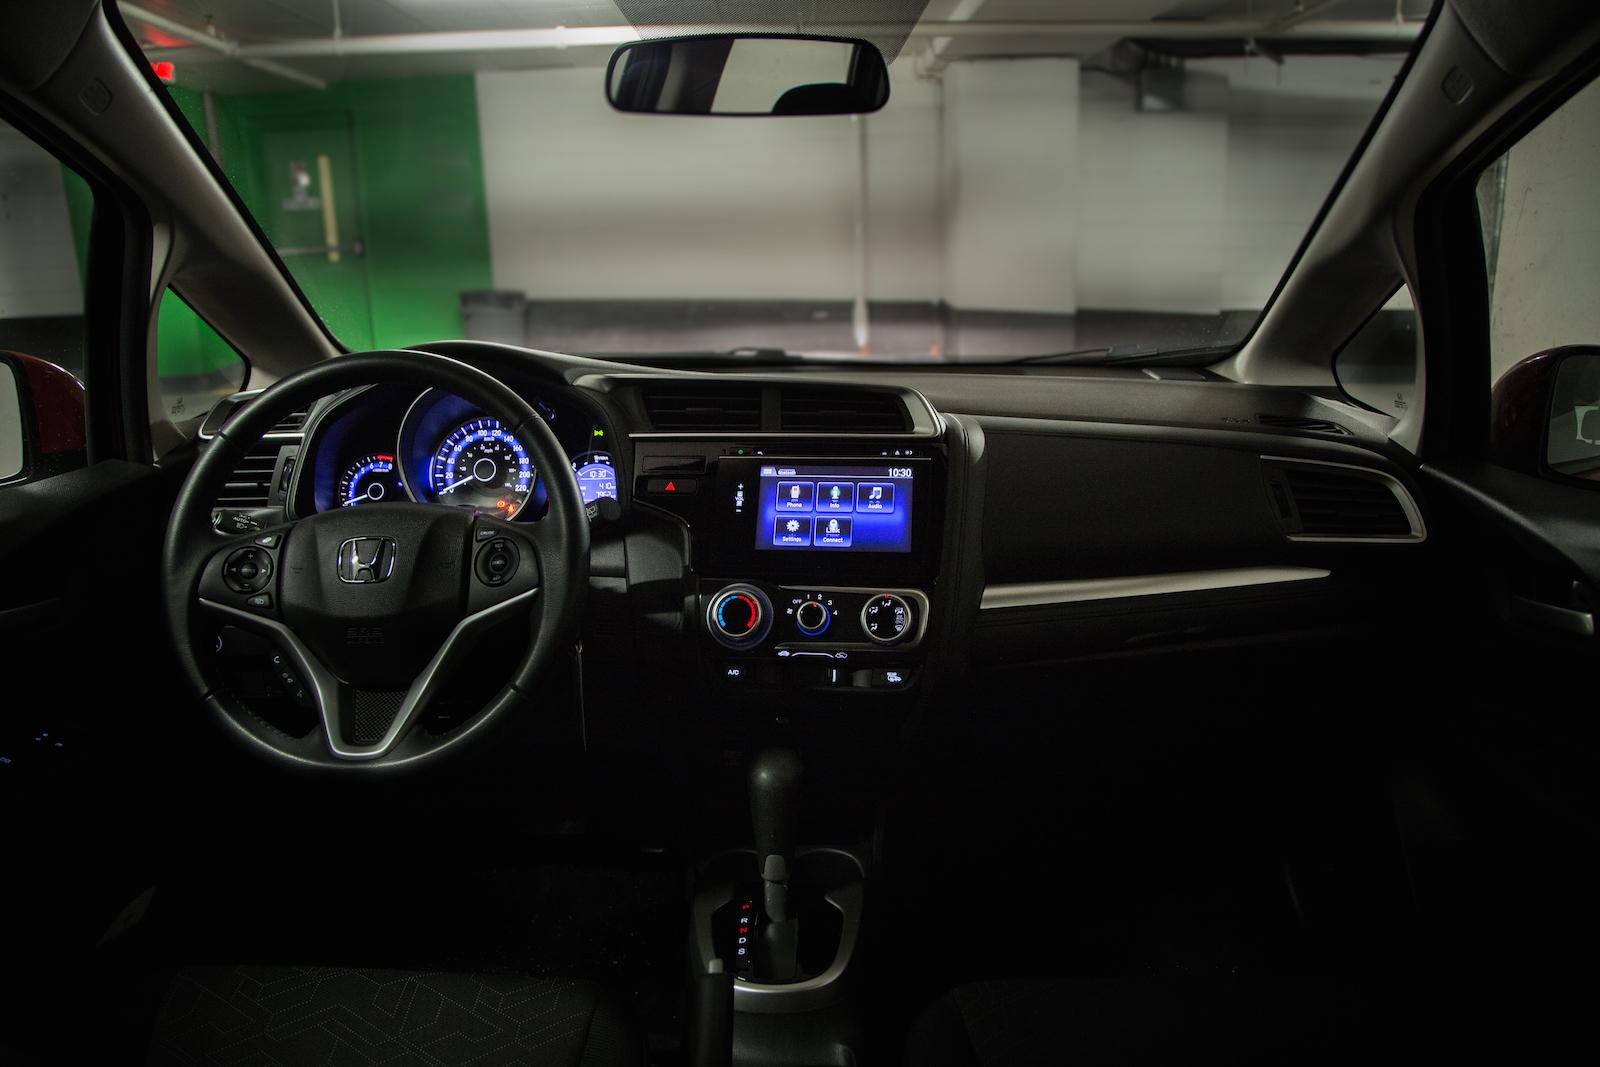 2015 Honda Fit Rear Cloth Seats 2015 Honda Fit Interior Dash ...